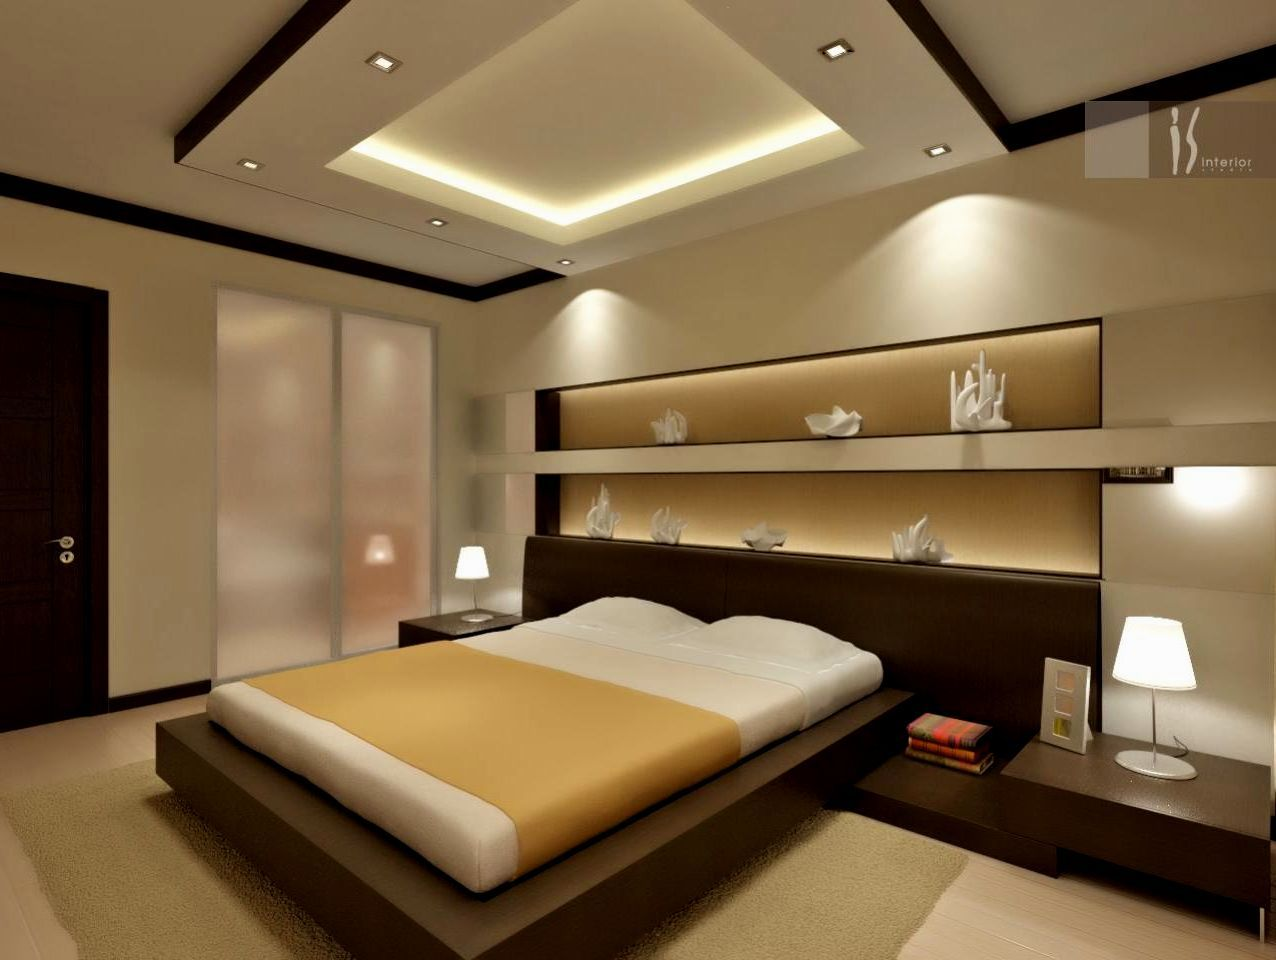 Bedroom Ceiling Designs 2016 Ceiling Design Bedroom Fashion Decor Bedroom Bedroom Set Designs